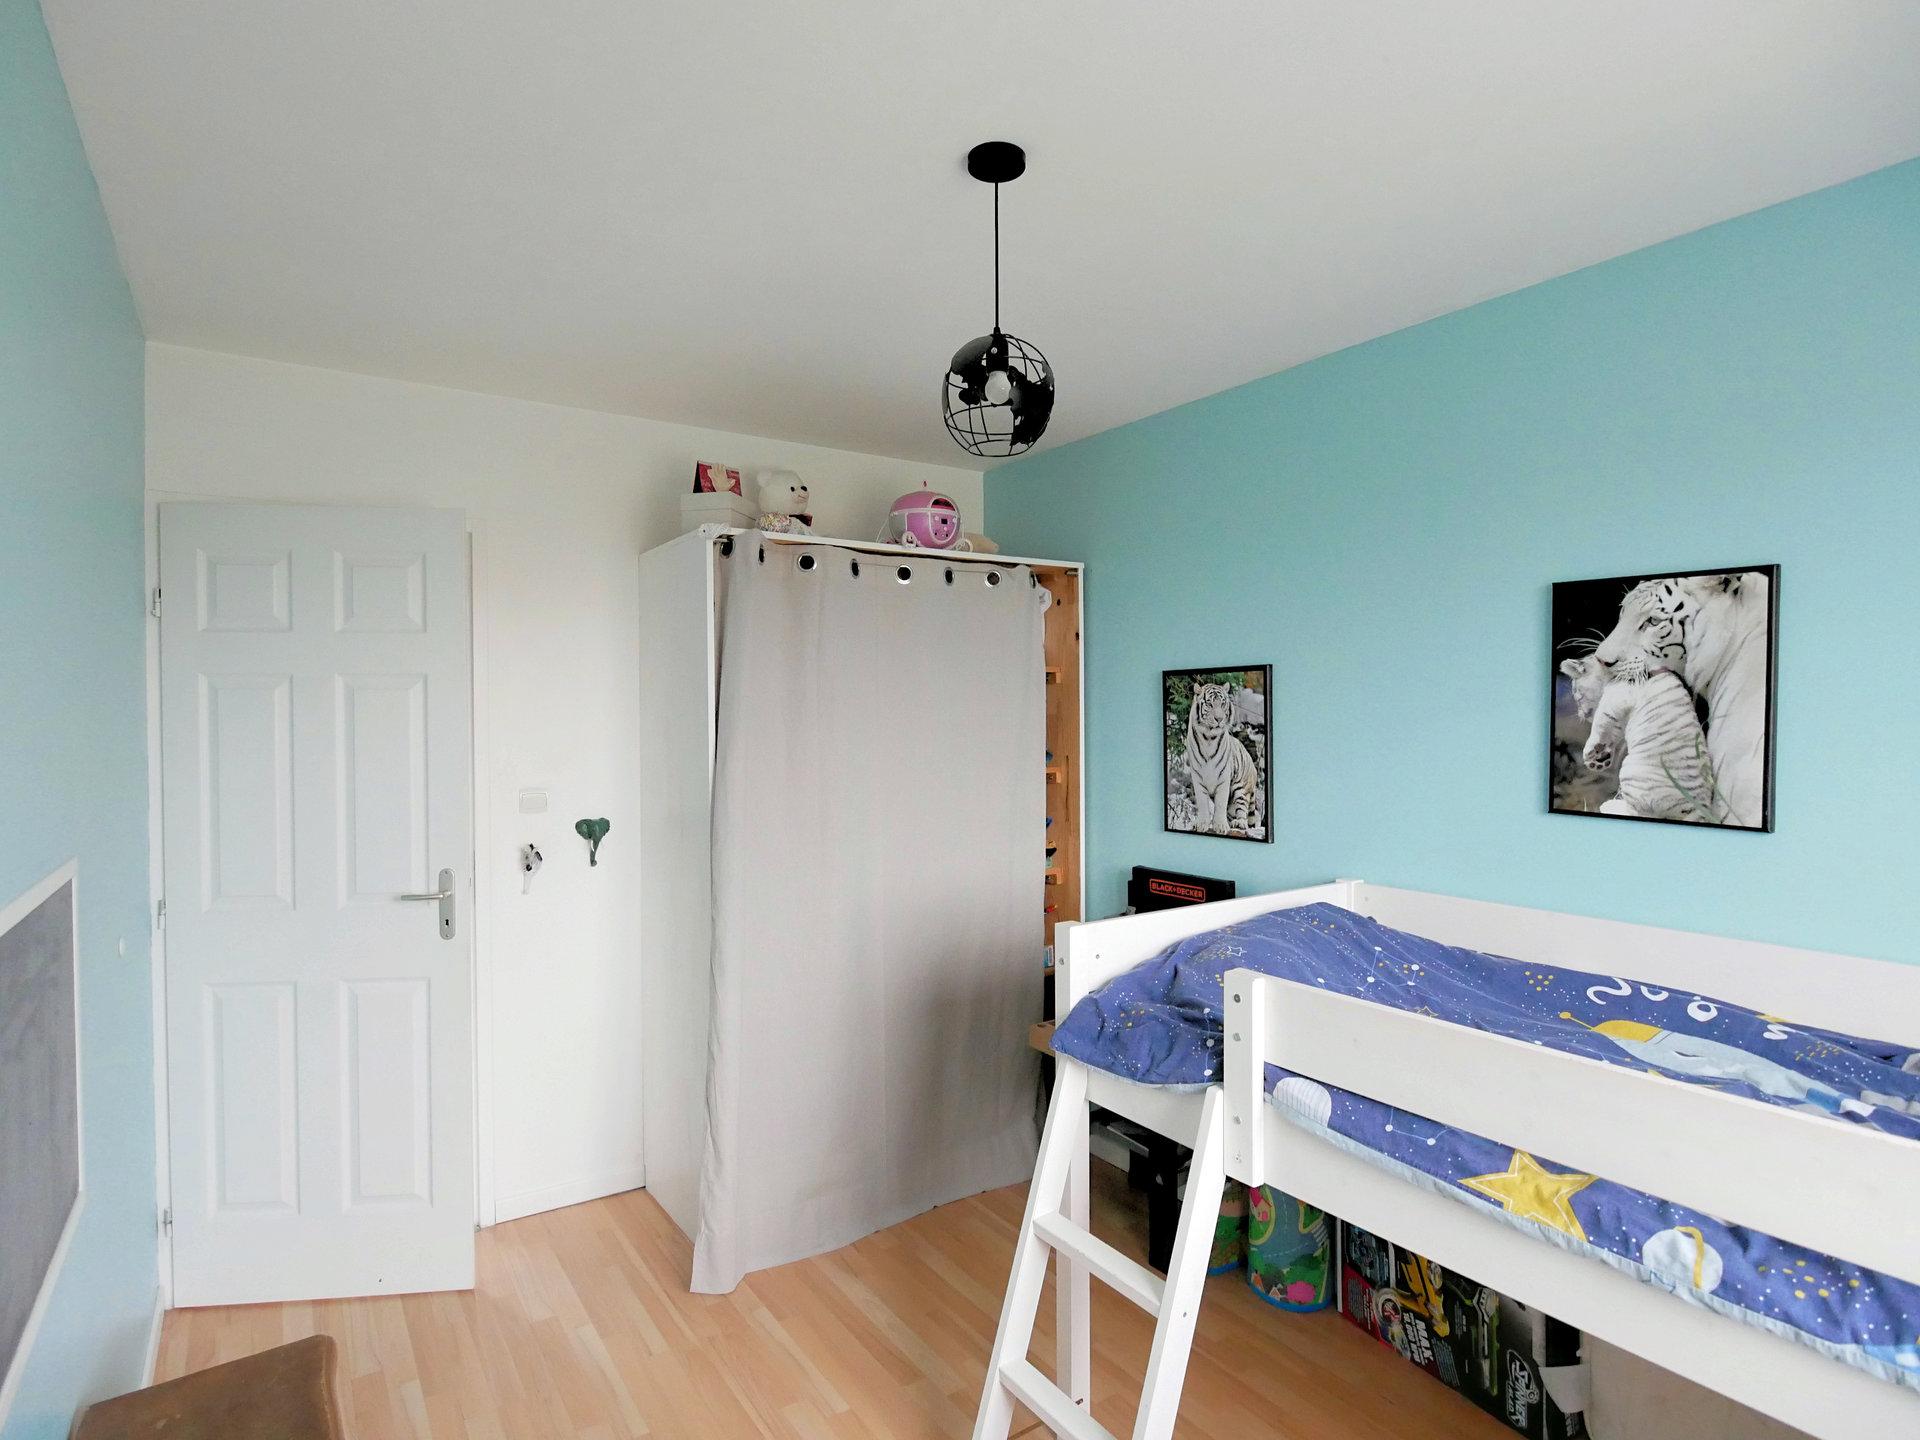 SOUS COMPROMIS DE VENTE - Dans un environnement calme et verdoyant, découvrez cette maison familiale construite en 2009, située à 20 minutes de MACON. D'une surface d'environ 100 m², elle comprend une pièce de vie avec espace salon, séjour et une cuisine ouverte et équipée, bénéficiant d'une cheminée et d'une climatisation réversible, et donnant sur une belle terrasse. Le dégagement central distribue quatre chambres avec placard, une salle de bains avec baignoire, un toilette indépendant et un garage attenant. Le jardin de 874m² bénéficie d'un espace stationnement. Vous apprécierez l'environnement et la fonctionnalité de cette maison récente. Honoraires à la charge du vendeur.